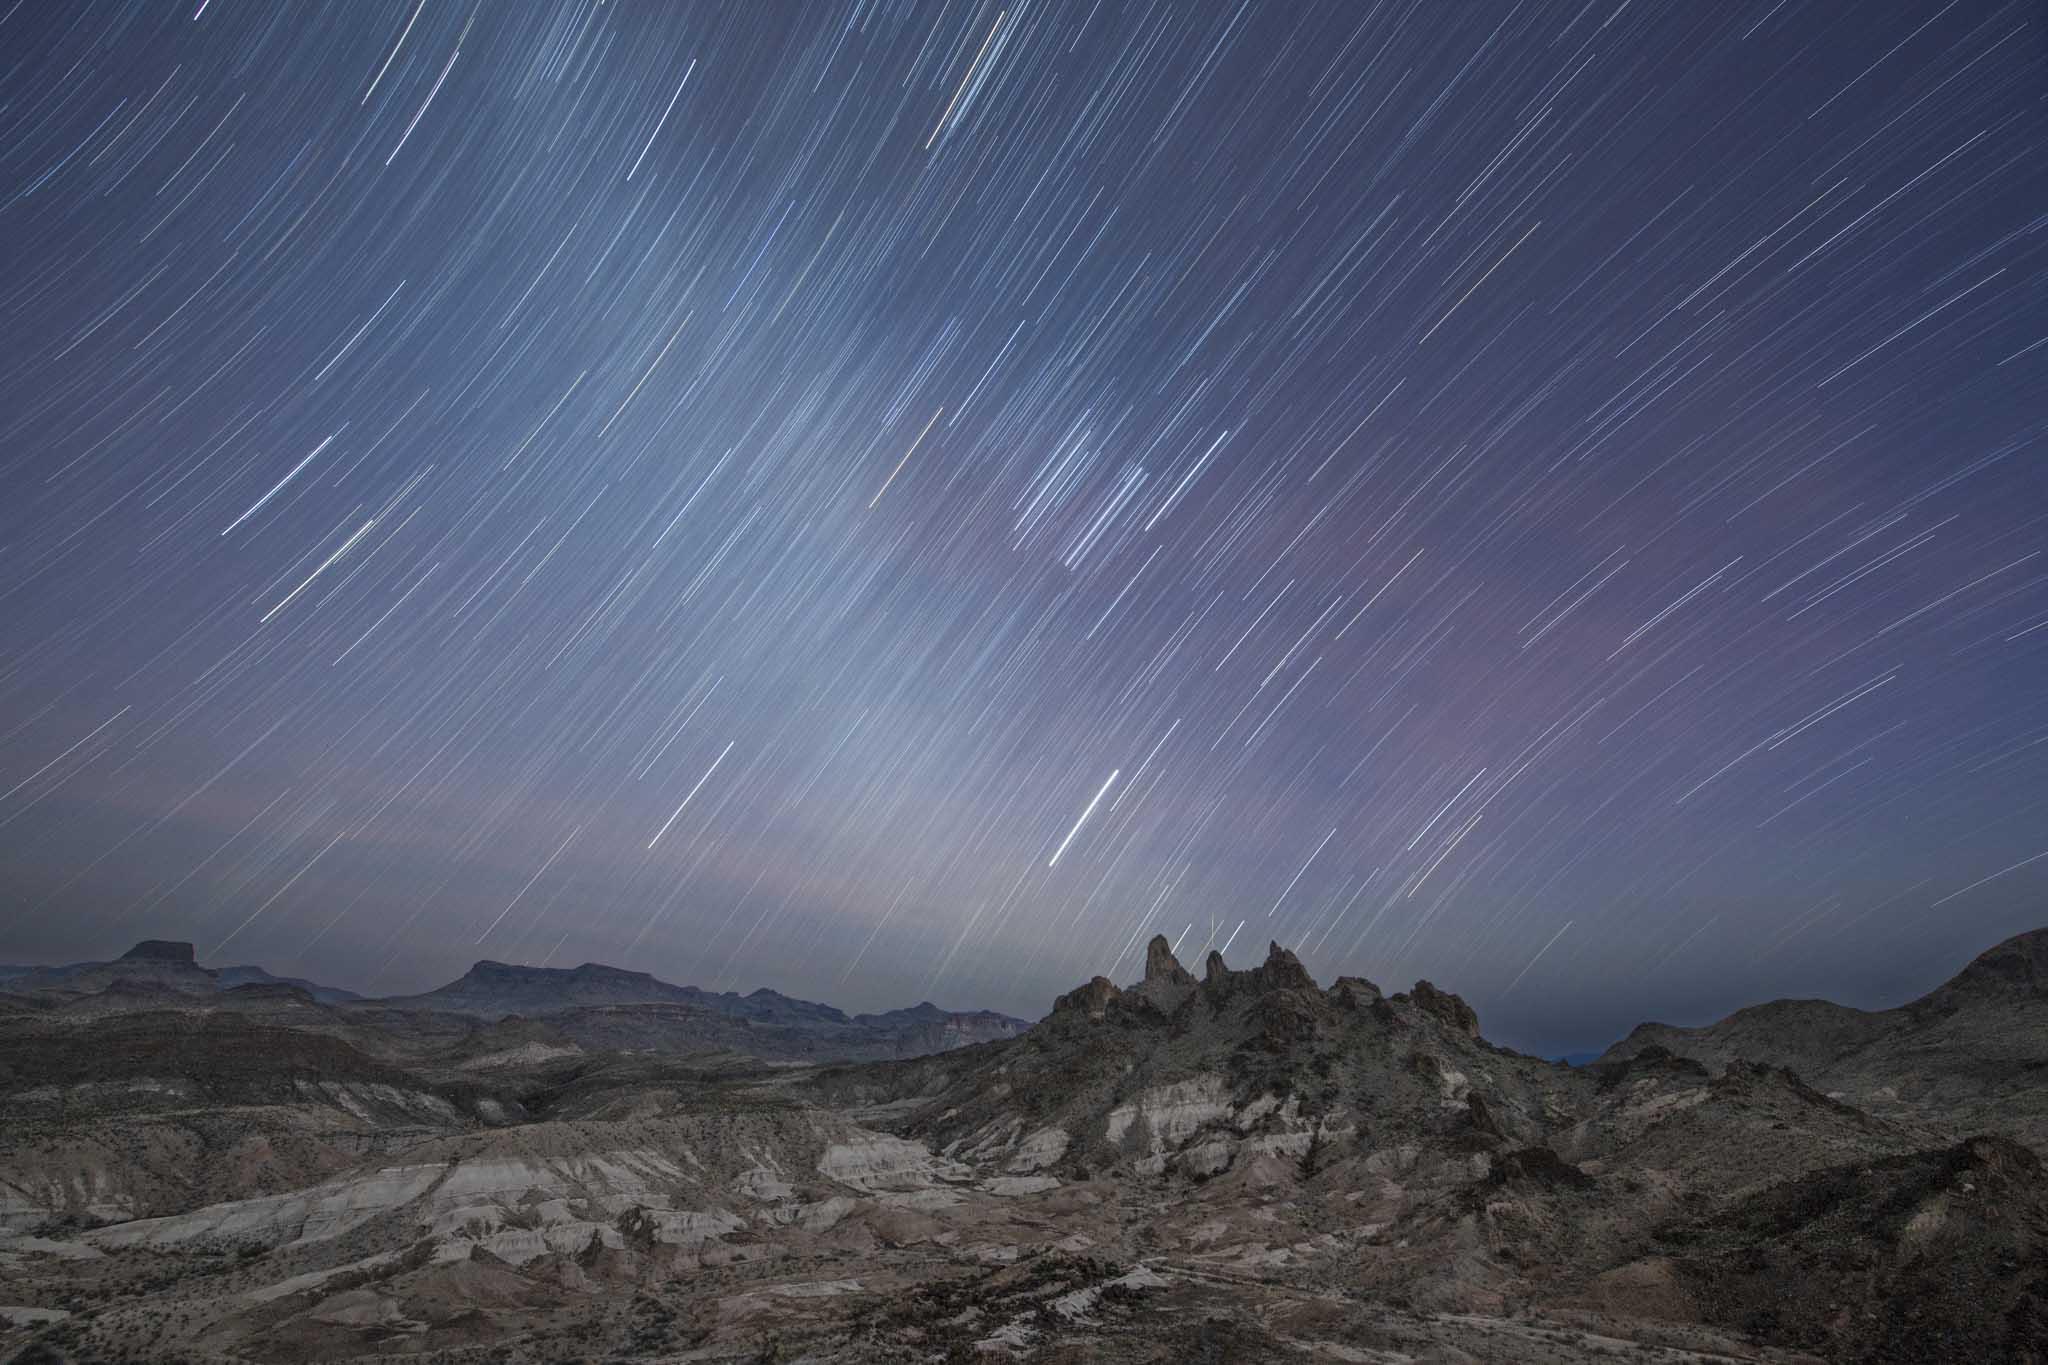 Fotografia nocturna en el desierto de chihuahua paisaje en big bend national park texas imagen de Pablo Fregoso